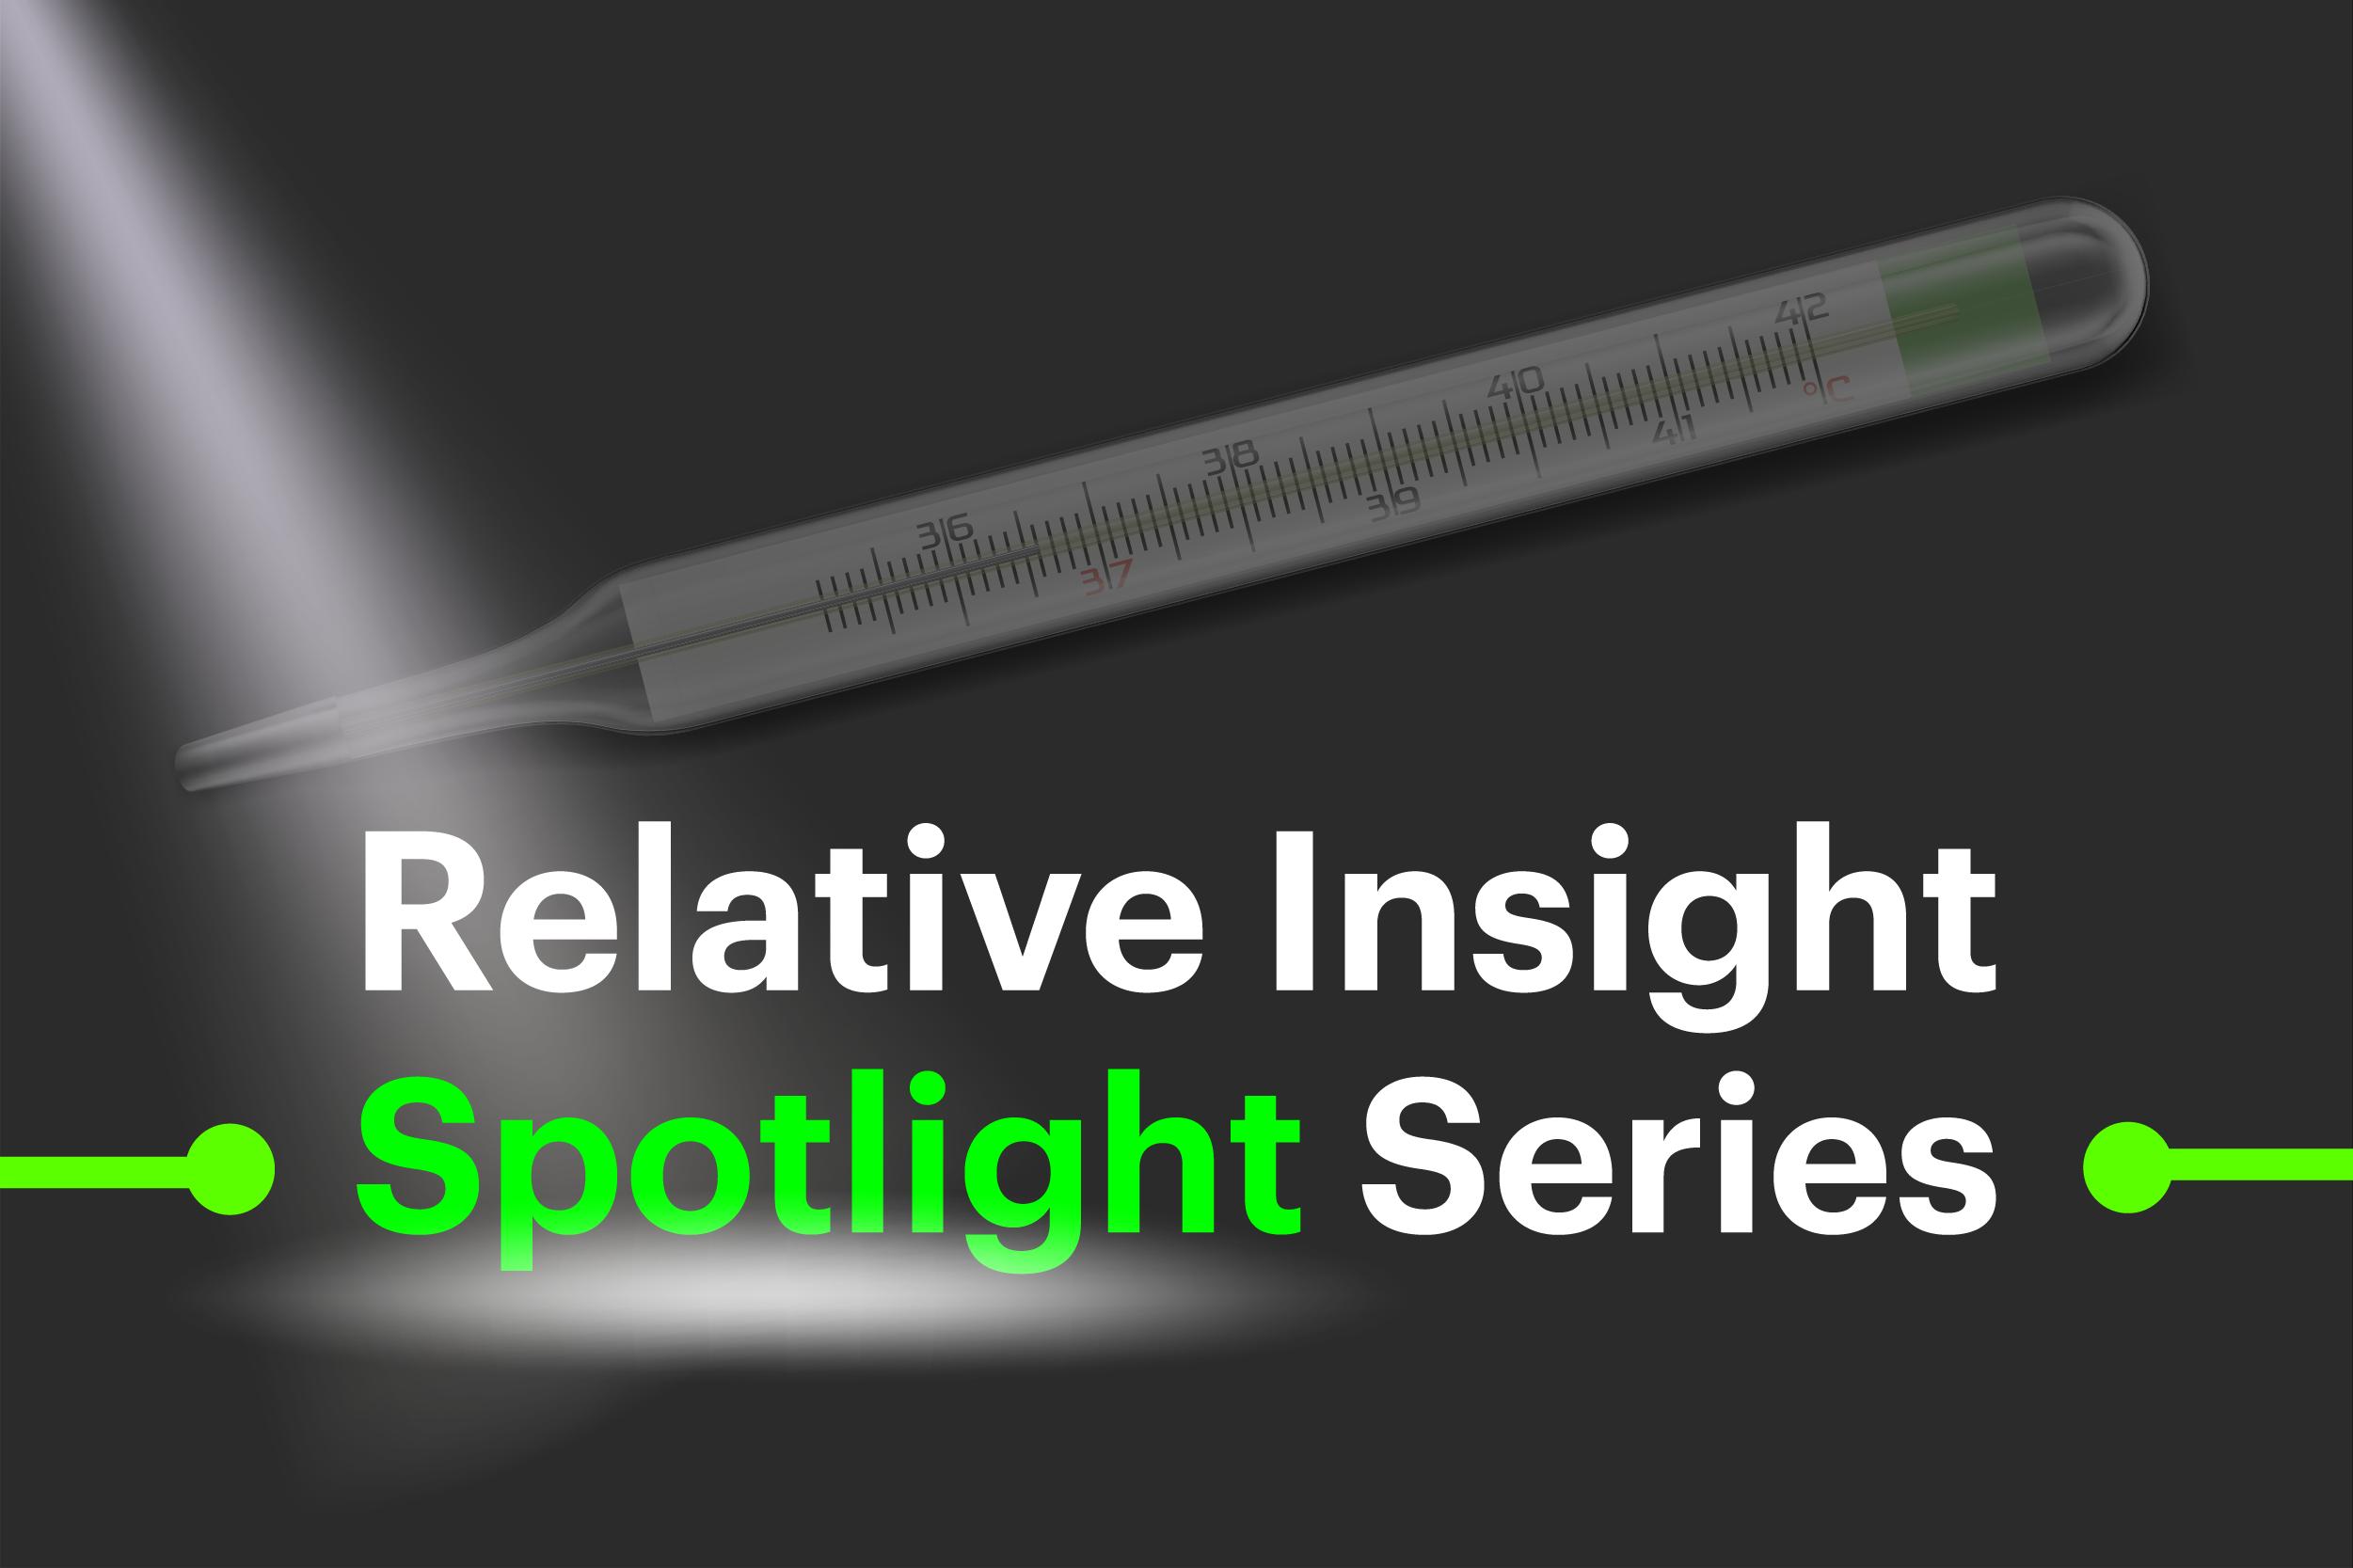 Relative Insight Spotlight Series: Understanding healthcare professionals